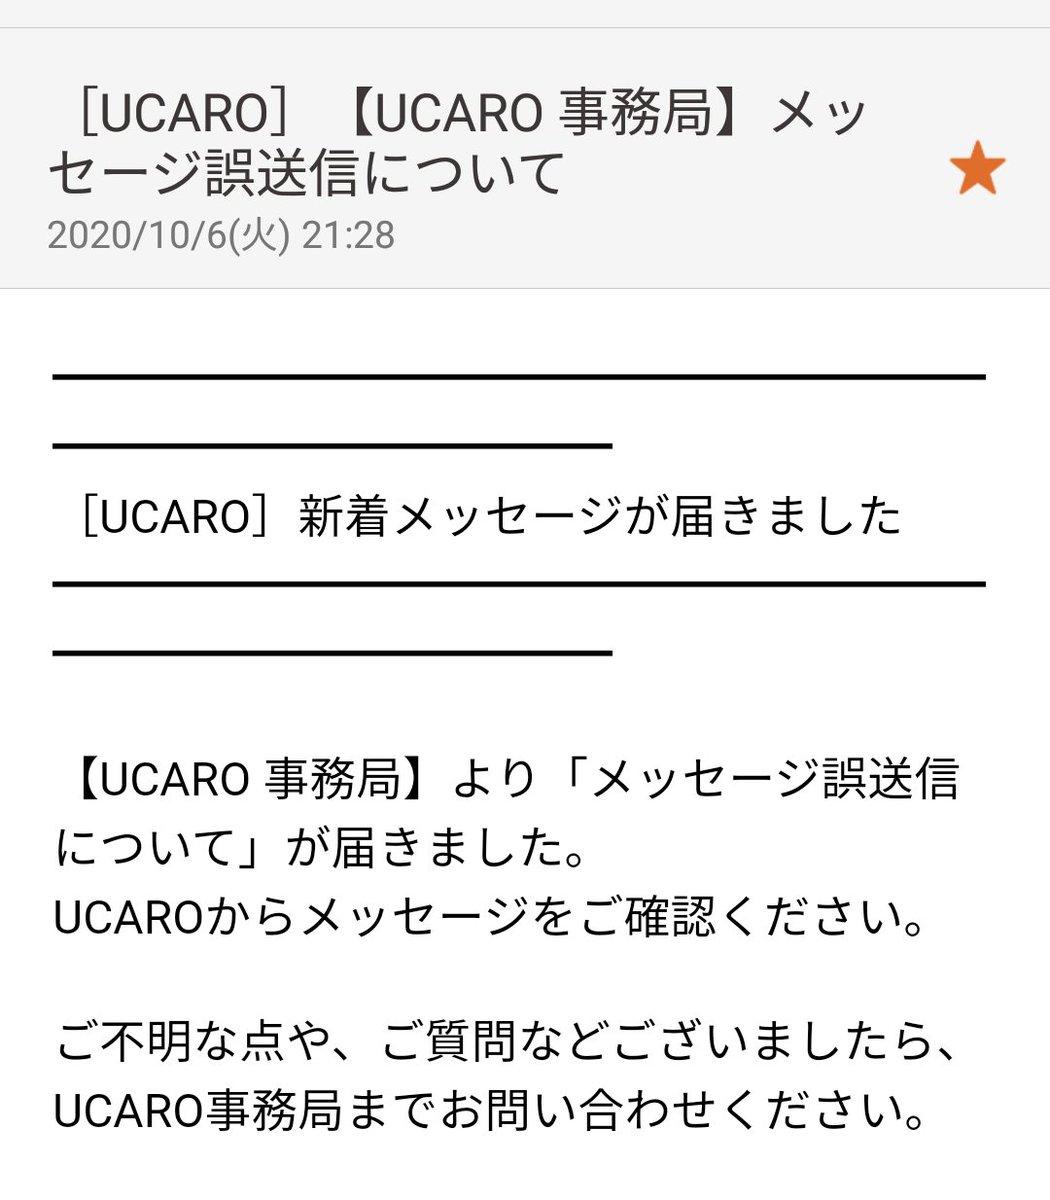 Ucaro